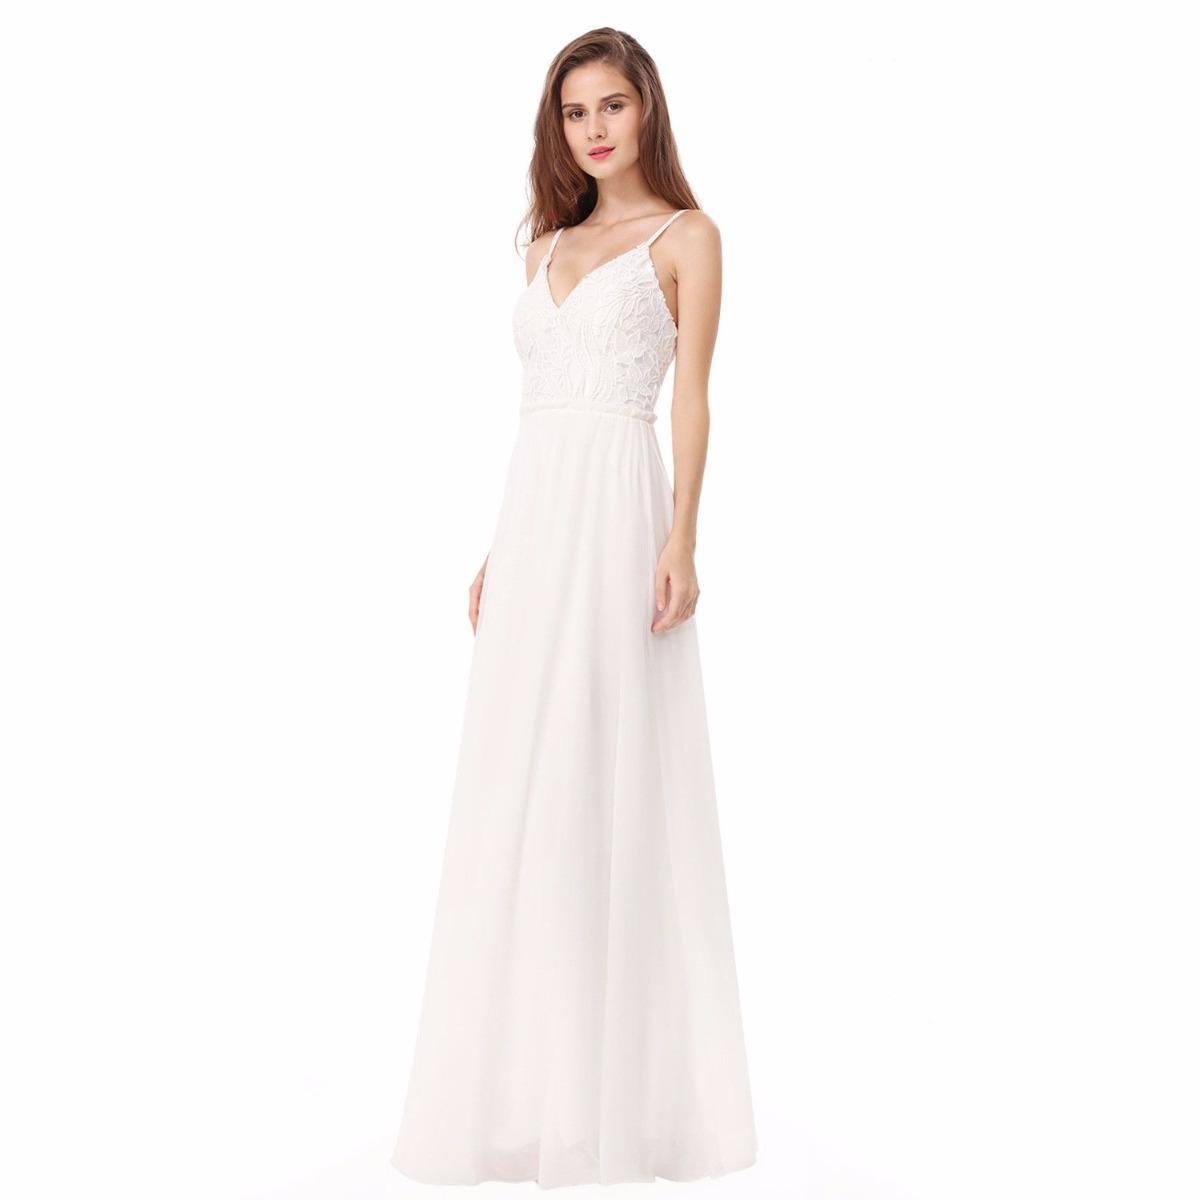 605eacdc3a3 vestido blanco novia dia verano importados moda pasión. Cargando zoom.